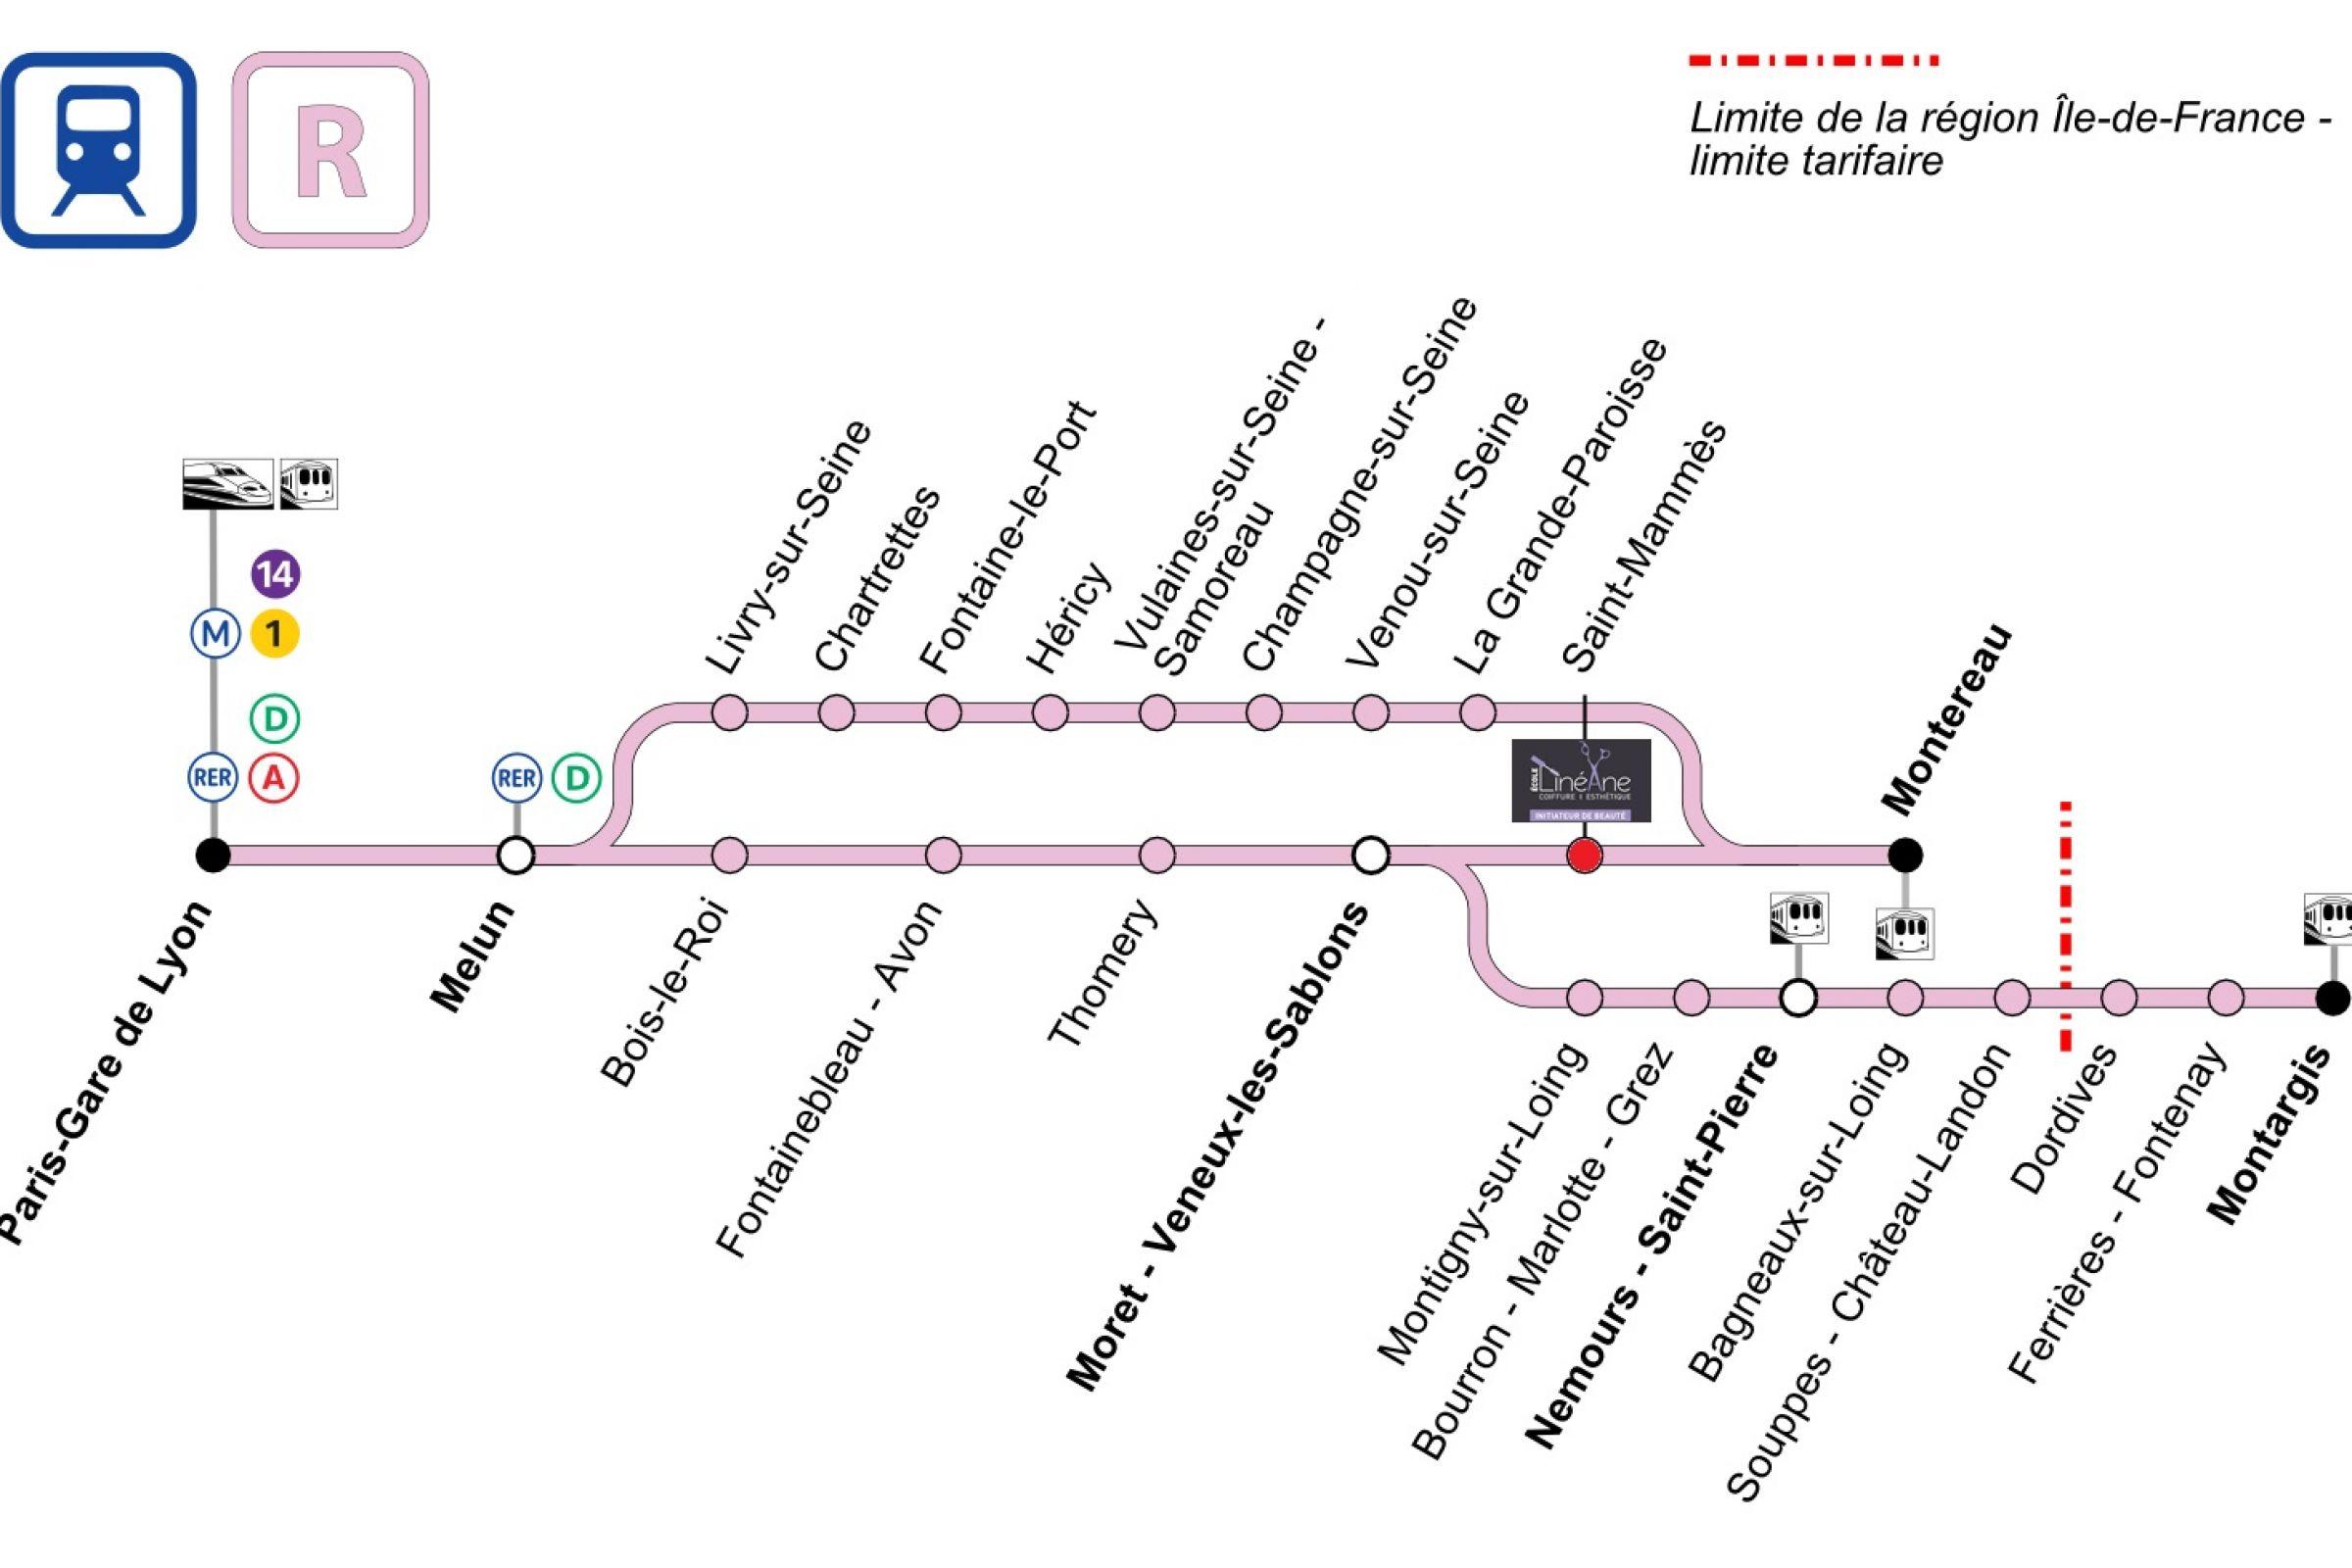 ligne-r-schema-de-la-ligneC534F998-2BB4-46DE-C598-18098229C526.jpg